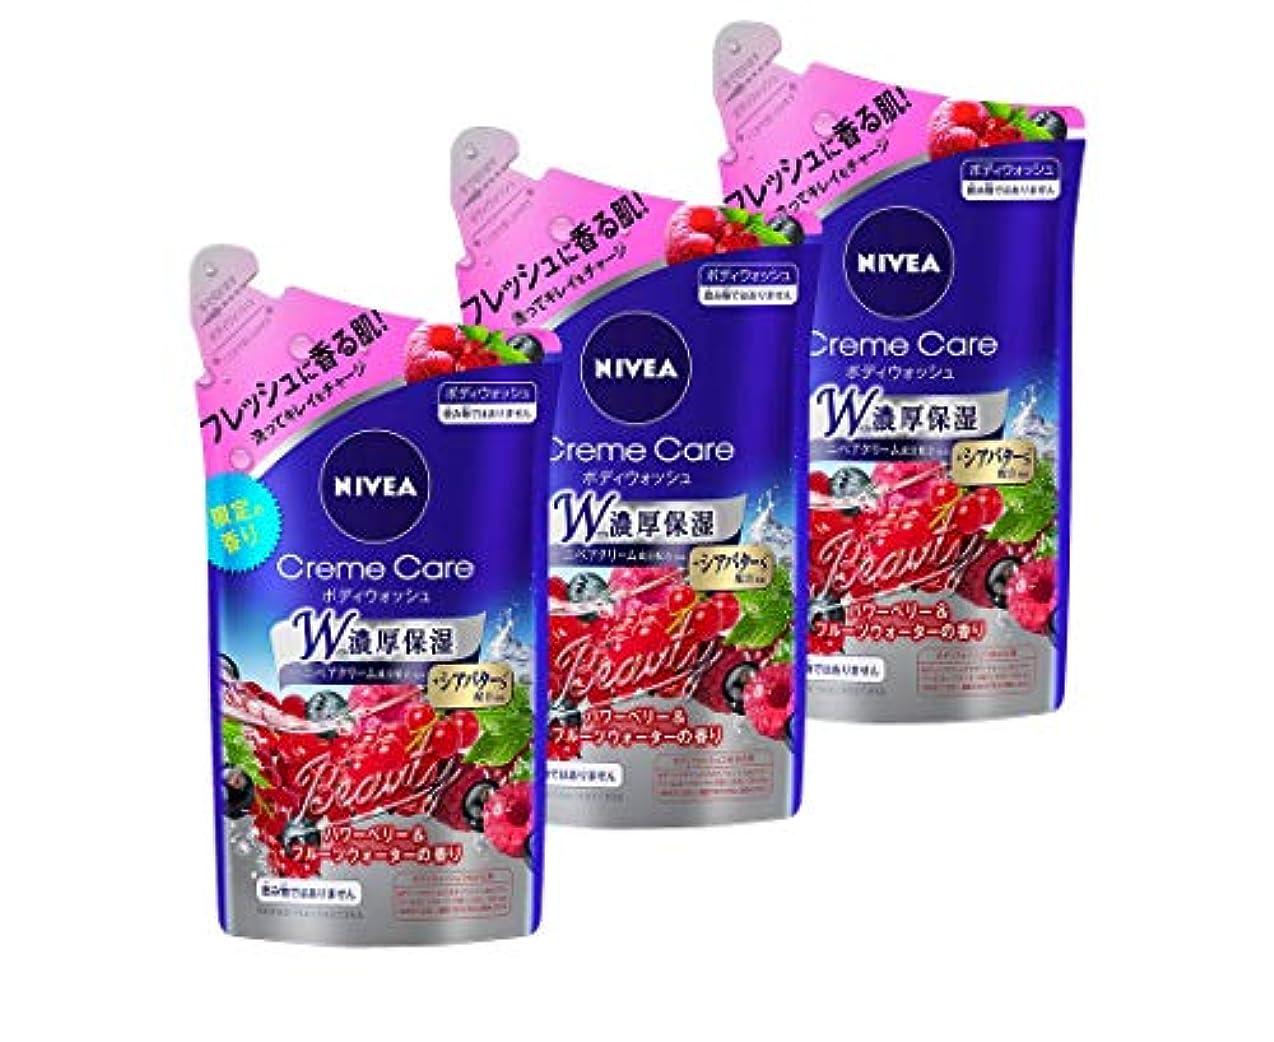 【まとめ買い】ニベア クリームケアボディウォッシュ パワーベリー&フルーツウォーターの香り つめかえ用 360ml × 3個